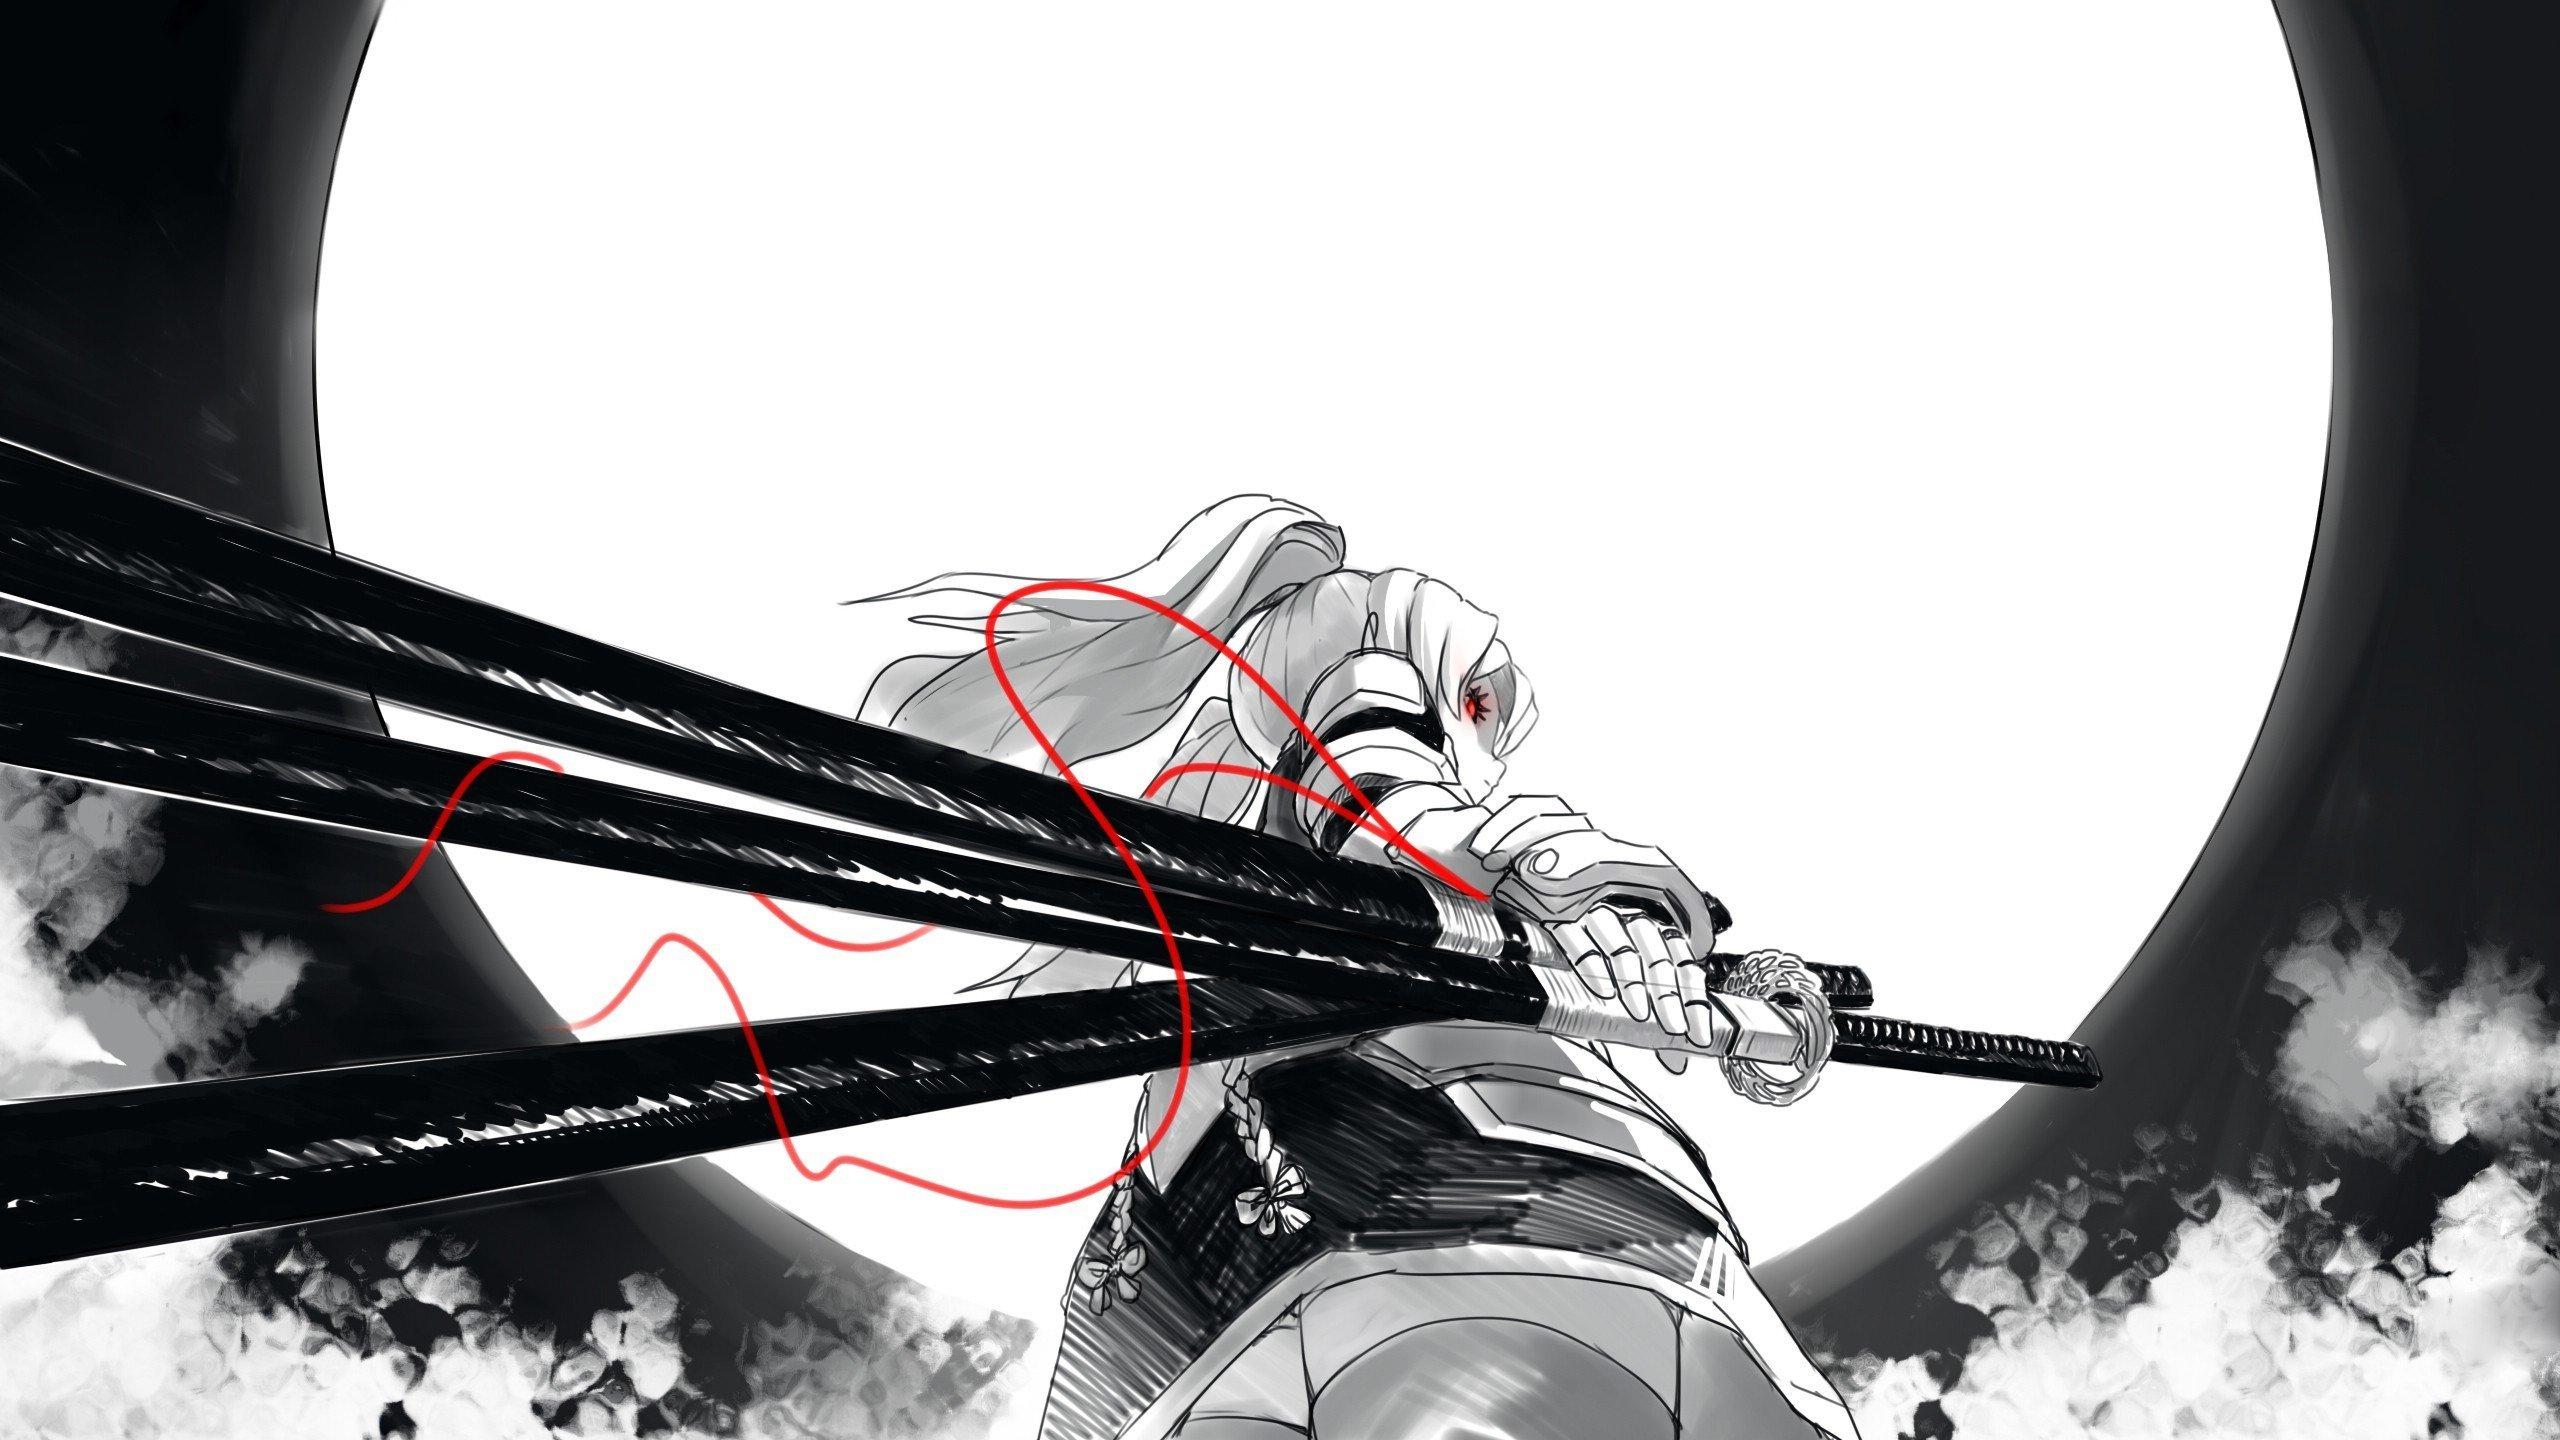 Download 2000 Wallpaper Anime Samurai Hd  Terbaru